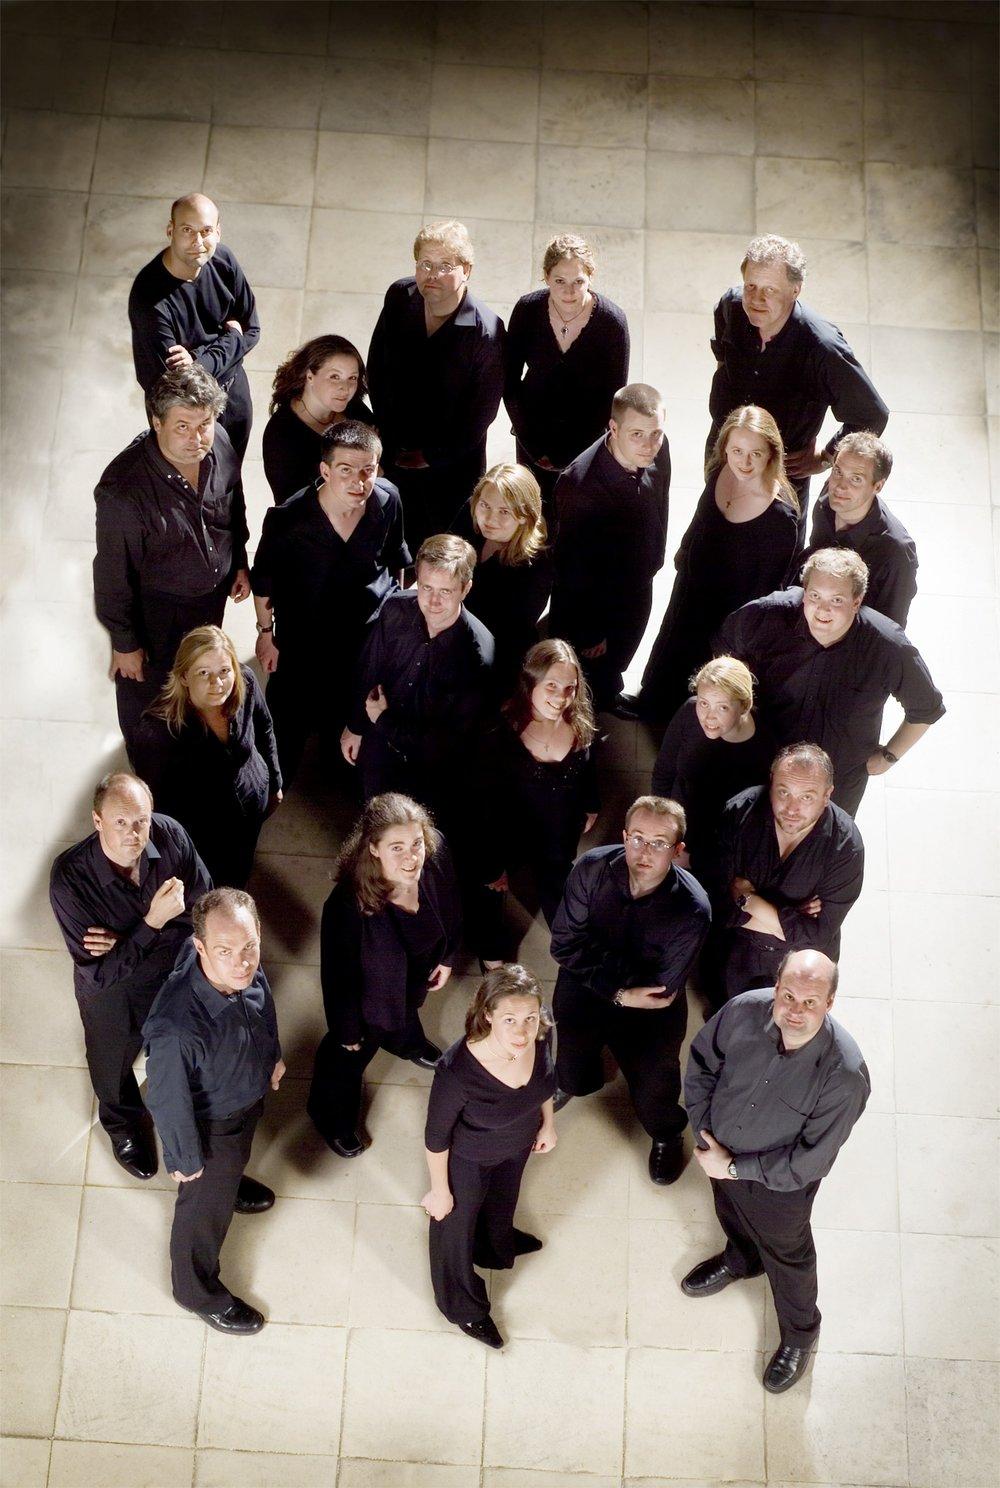 - Polyphony ble grunnlagt i 1986 av Stephen Layton og har siden den gang opptrådt jevnlig over hele verden og gjort en rekke kritikerroste og prisvinnende plateinnspillinger på Hyperion. Korets repertoar strekker seg fra barokkens store pasjoner og de store romantiske verker til nyskrevet kormusikk av nålevende komponister. De samarbeider med ensembler og orkestre som Orchestra of the Age of Enlightenment, City of London Sinfonia og Philharmonia Orchestra.Polyphony ble grunnlagt i 1986 av Stephen Layton og har siden den gang opptrådt jevnlig over hele verden og gjort en rekke kritikerroste og prisvinnende plateinnspillinger på Hyperion. Korets repertoar strekker seg fra barokkens store pasjoner og de store romantiske verker til nyskrevet kormusikk av nålevende komponister. De samarbeider med ensembler og orkestre som Orchestra of the Age of Enlightenment, City of London Sinfonia og Philharmonia Orchestra.